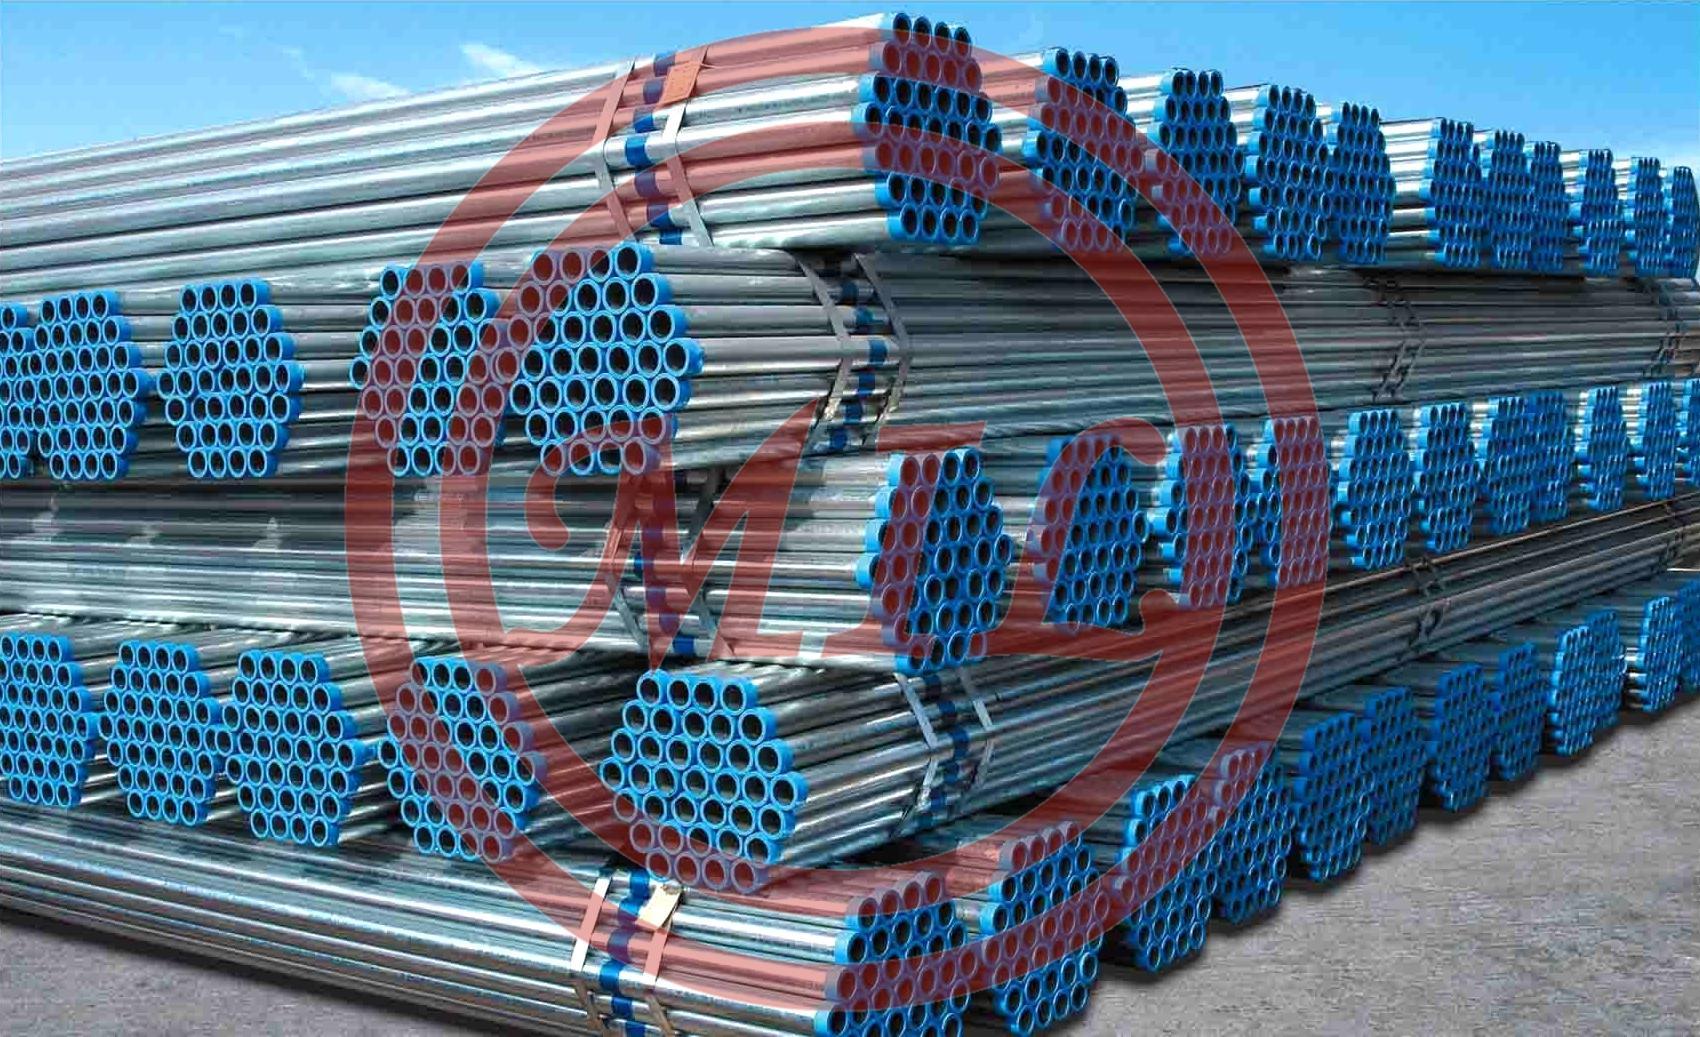 BS1387/ASTM A53/EN 39 Hot Dip Galvanized Steel Pipe